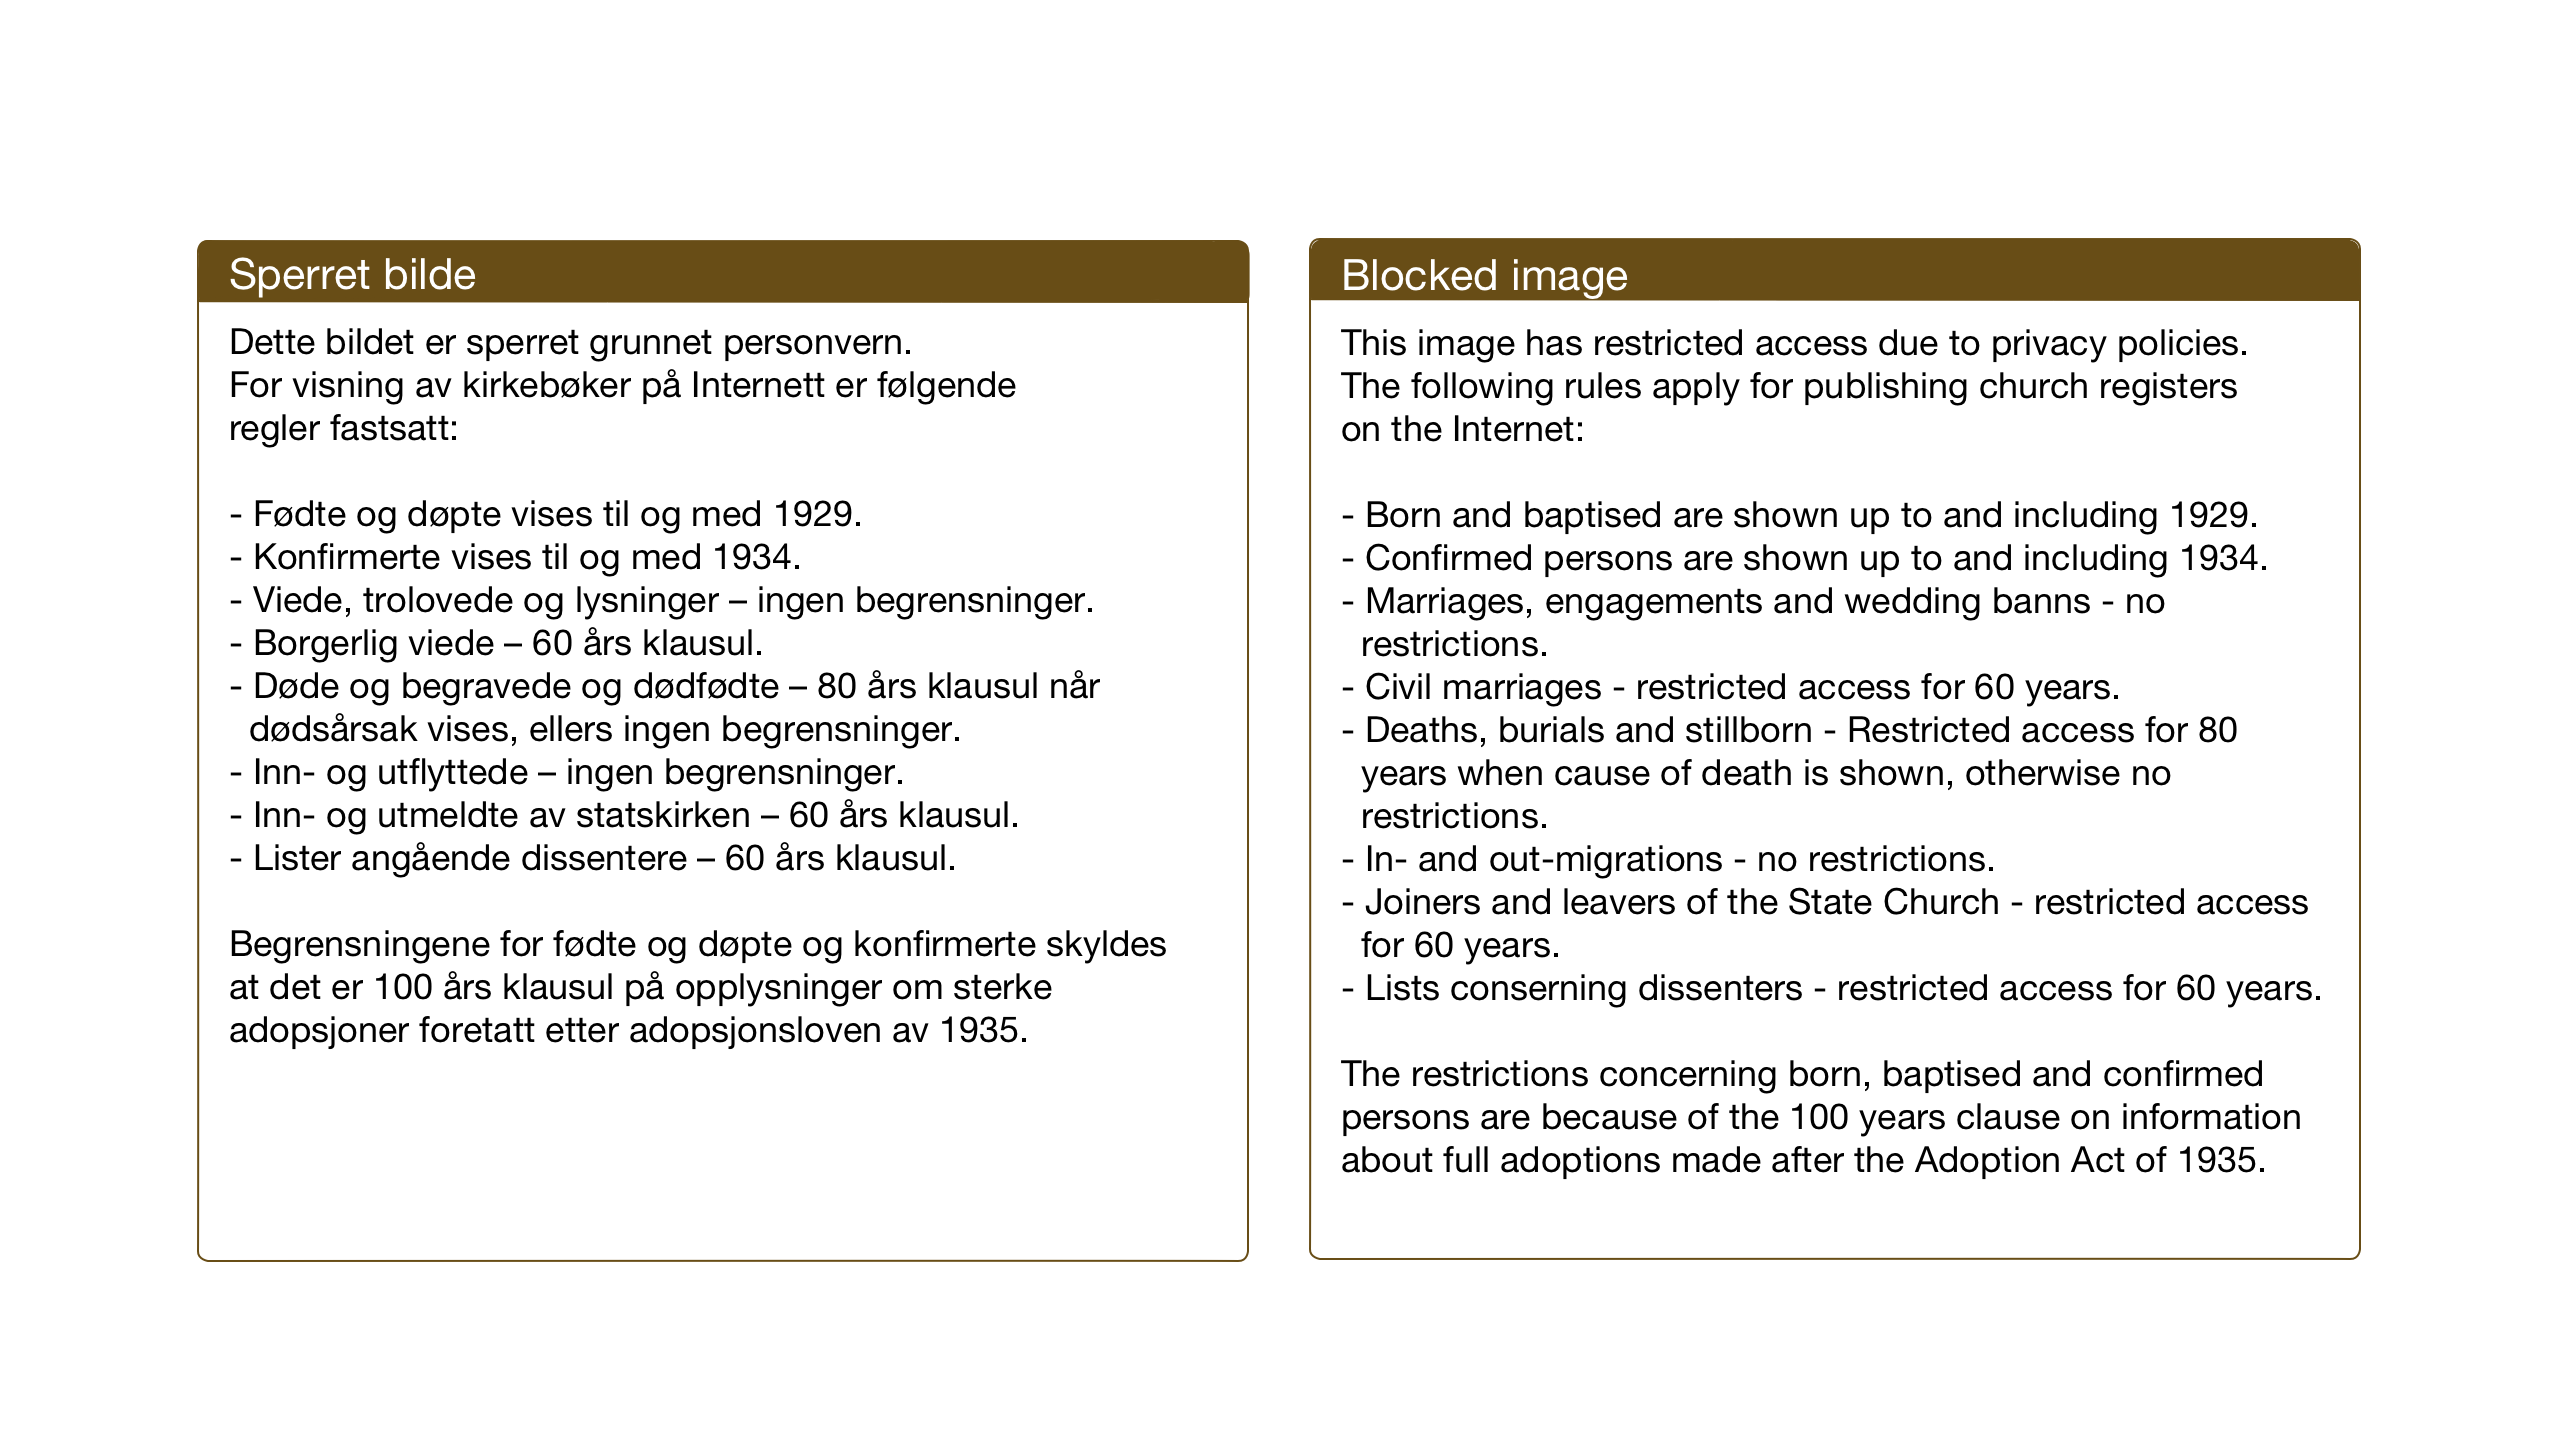 SAT, Ministerialprotokoller, klokkerbøker og fødselsregistre - Sør-Trøndelag, 696/L1161: Klokkerbok nr. 696C01, 1902-1950, s. 69